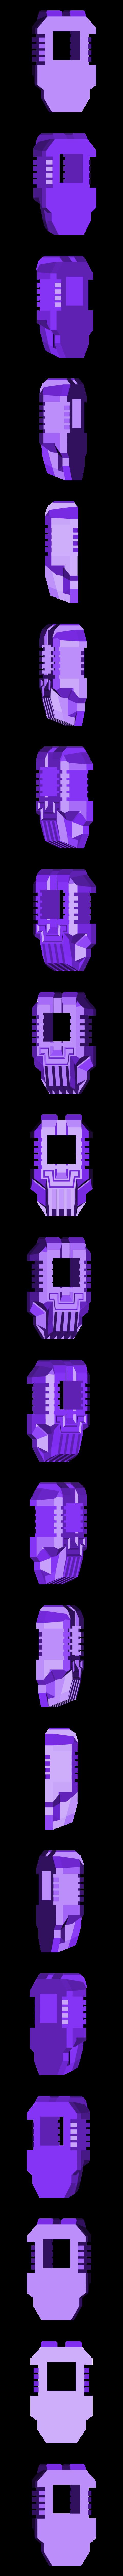 defensor_foot_01.stl Télécharger fichier STL gratuit Transformers COMBINER WARS Defensor Foot • Modèle pour impression 3D, sickofyou